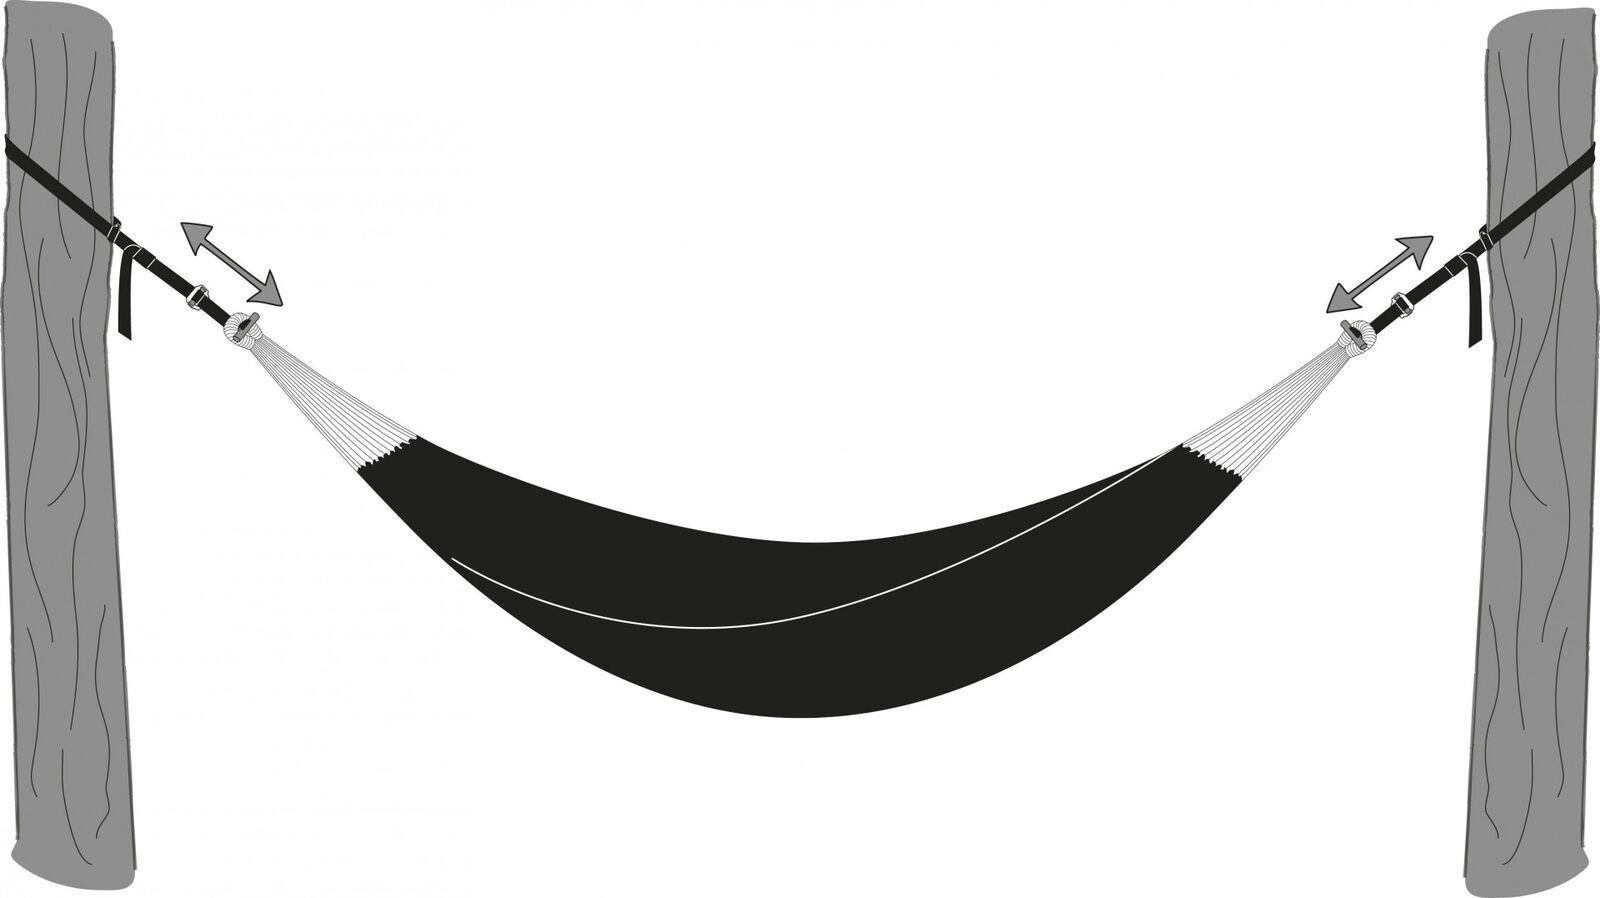 Hängemattenaufhängung T-Strap 2 Hängemattengurte Hängemattengurte Hängemattengurte Gurte Amazonas NEU | Zart  | Attraktive Mode  62420a